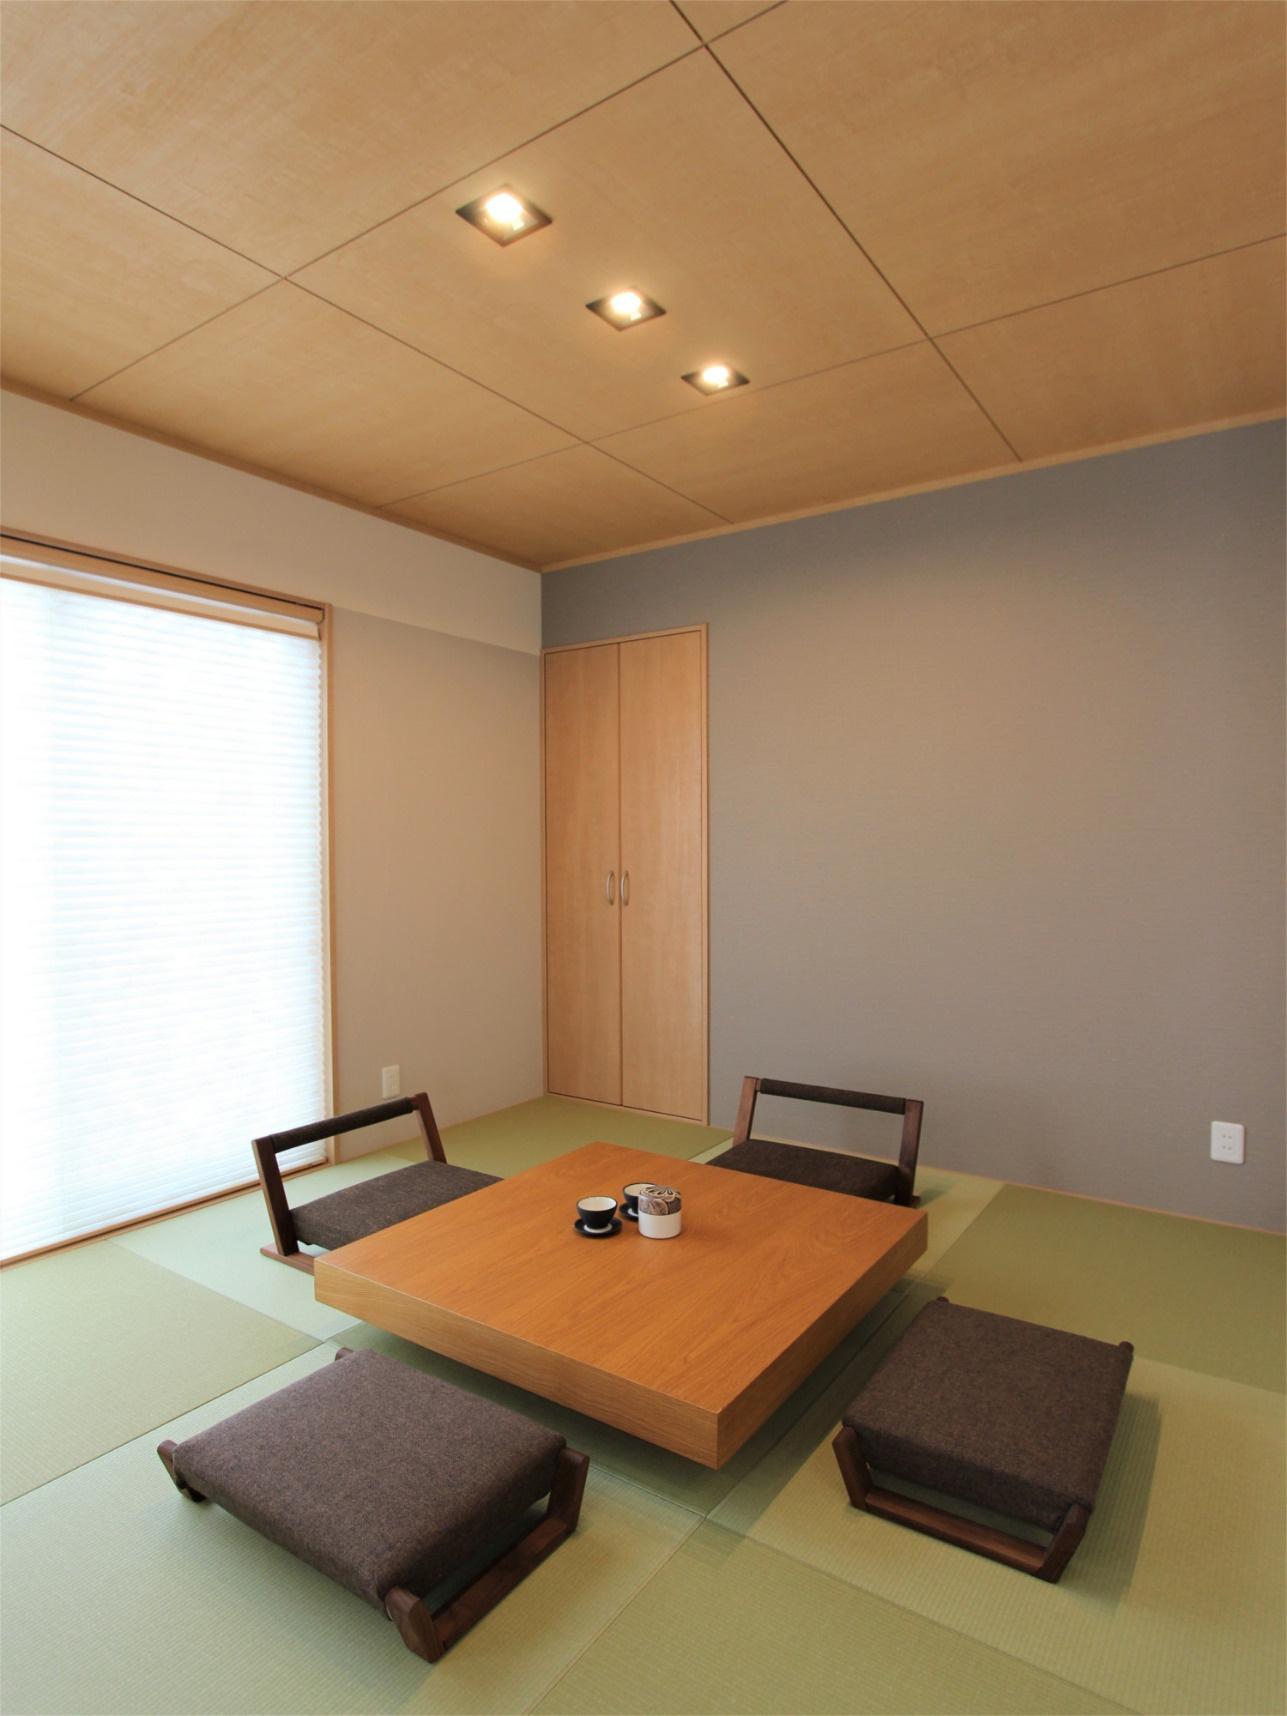 生活に溶け込む素敵な和室づくりを 和室 畳コーナーの施工事例 家